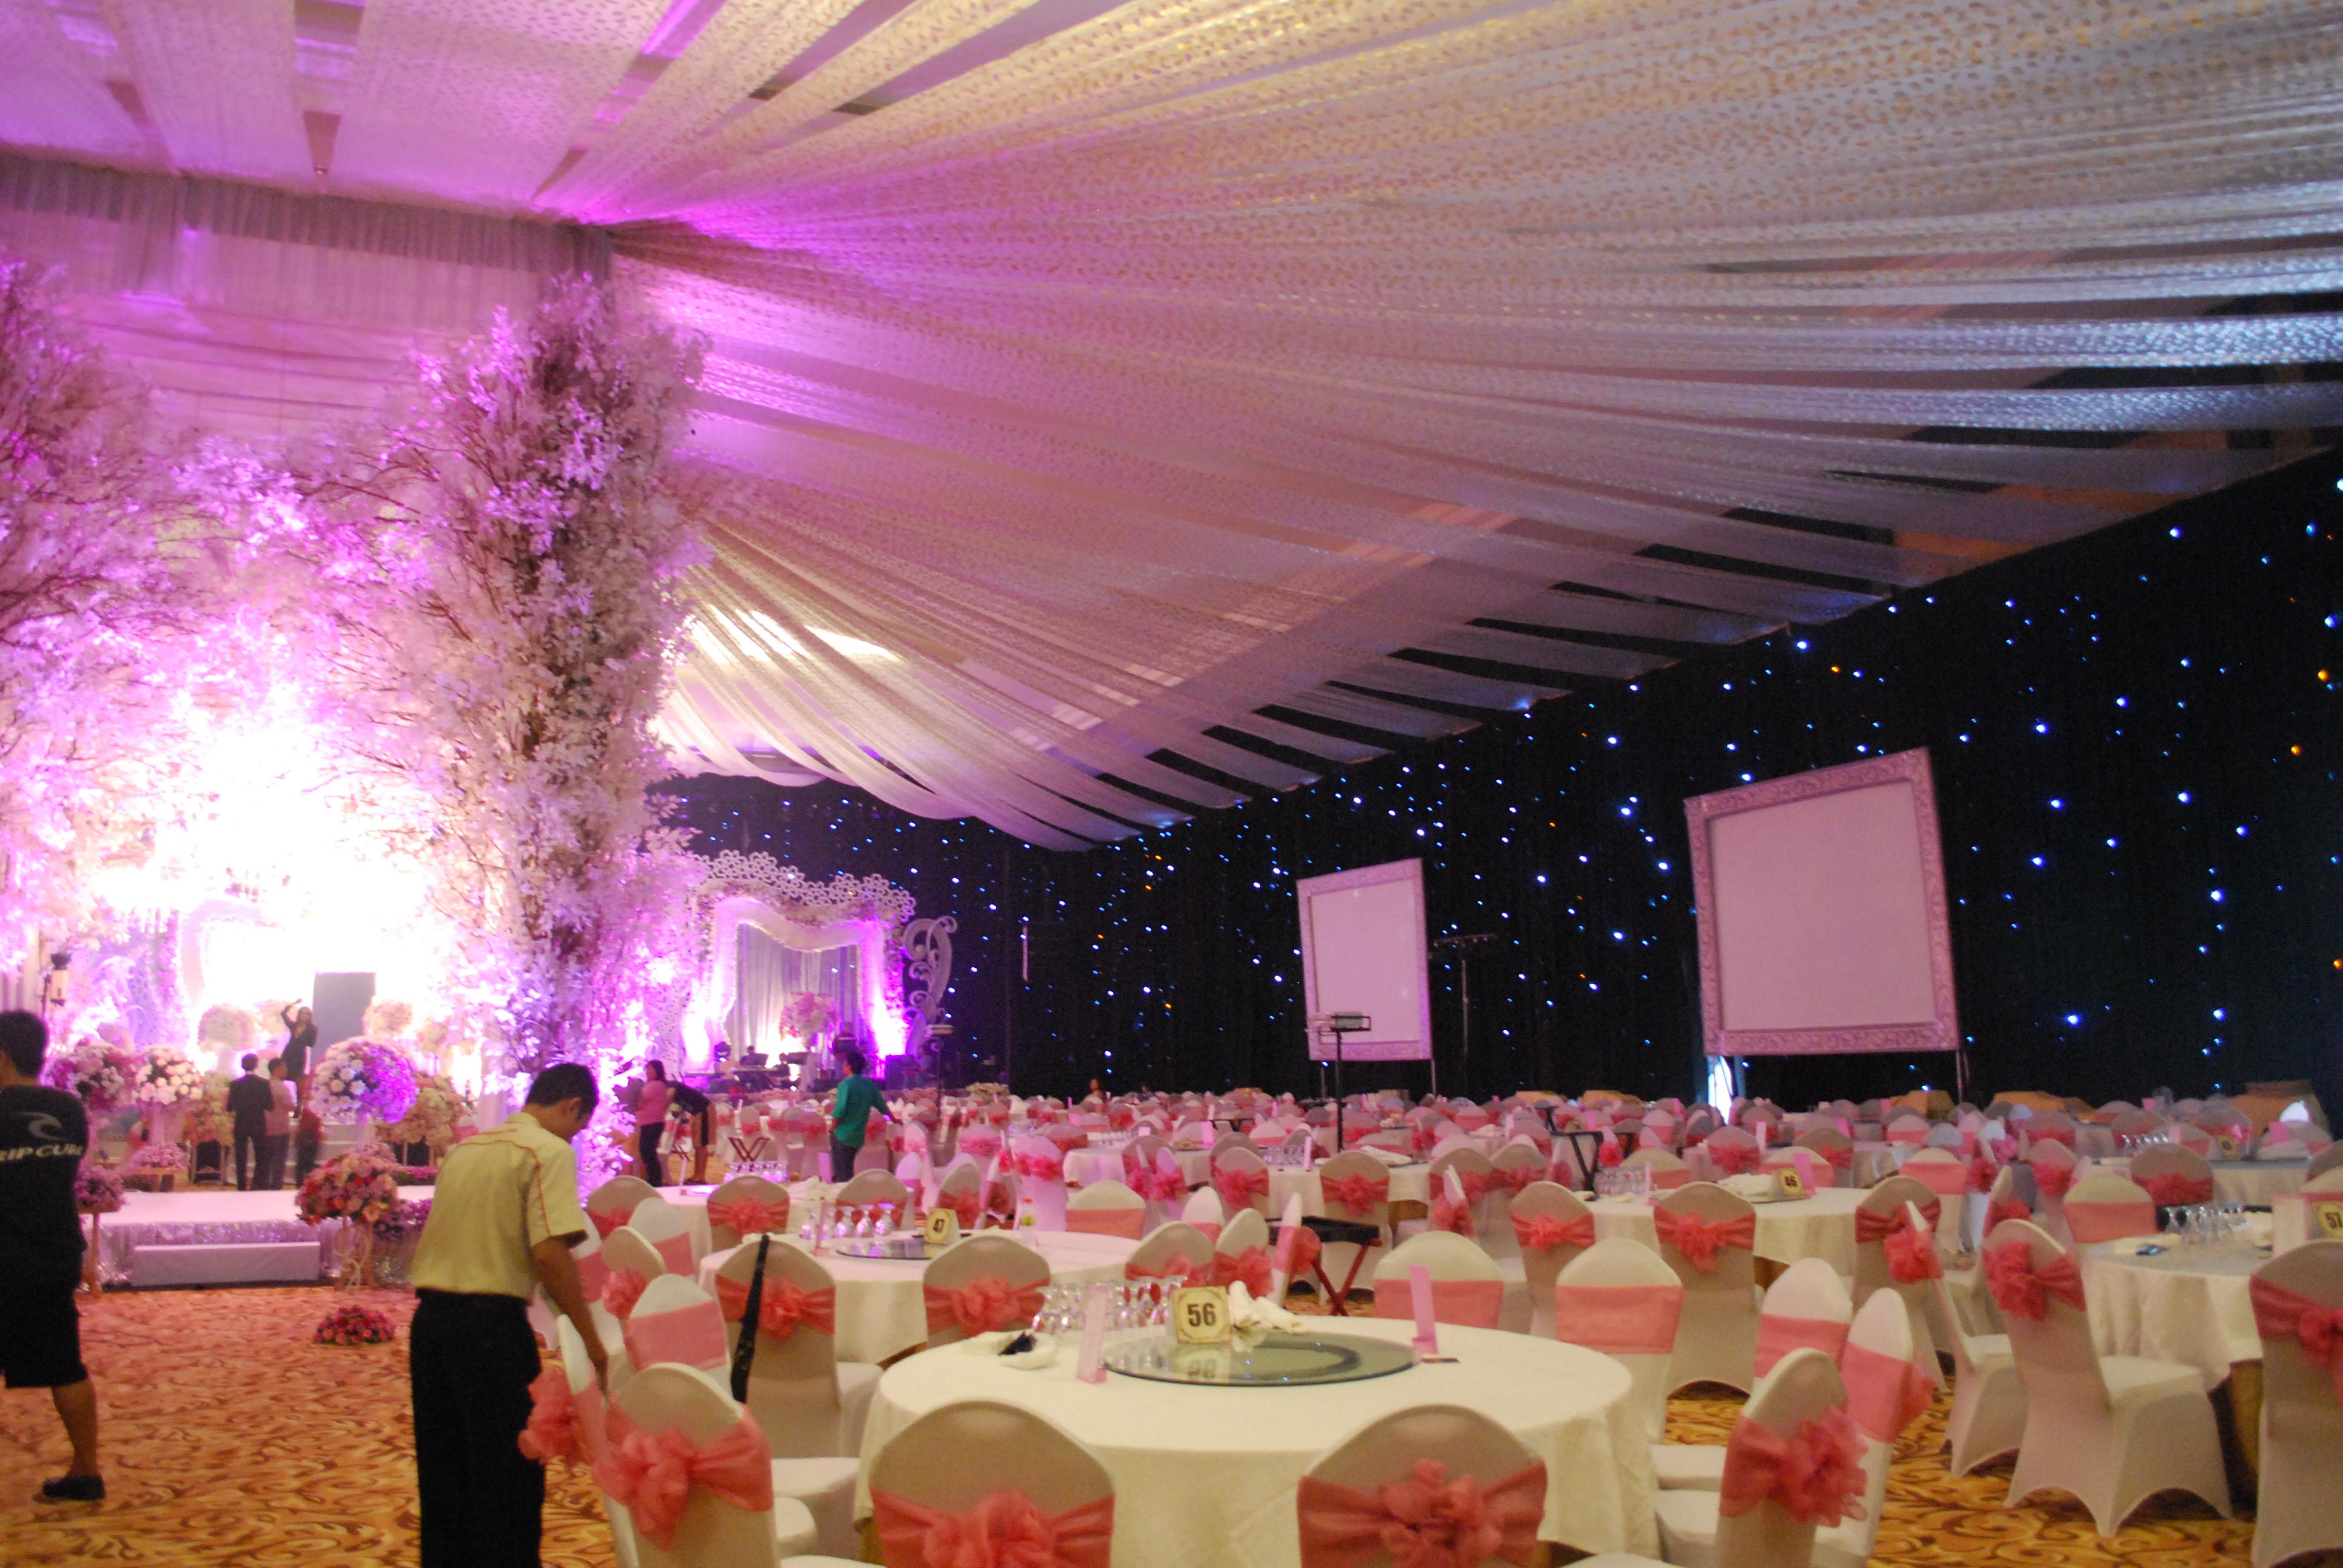 The singhasari resort convention wedding venue in malang the singhasari resort convention wedding venue in malang bridestory junglespirit Gallery